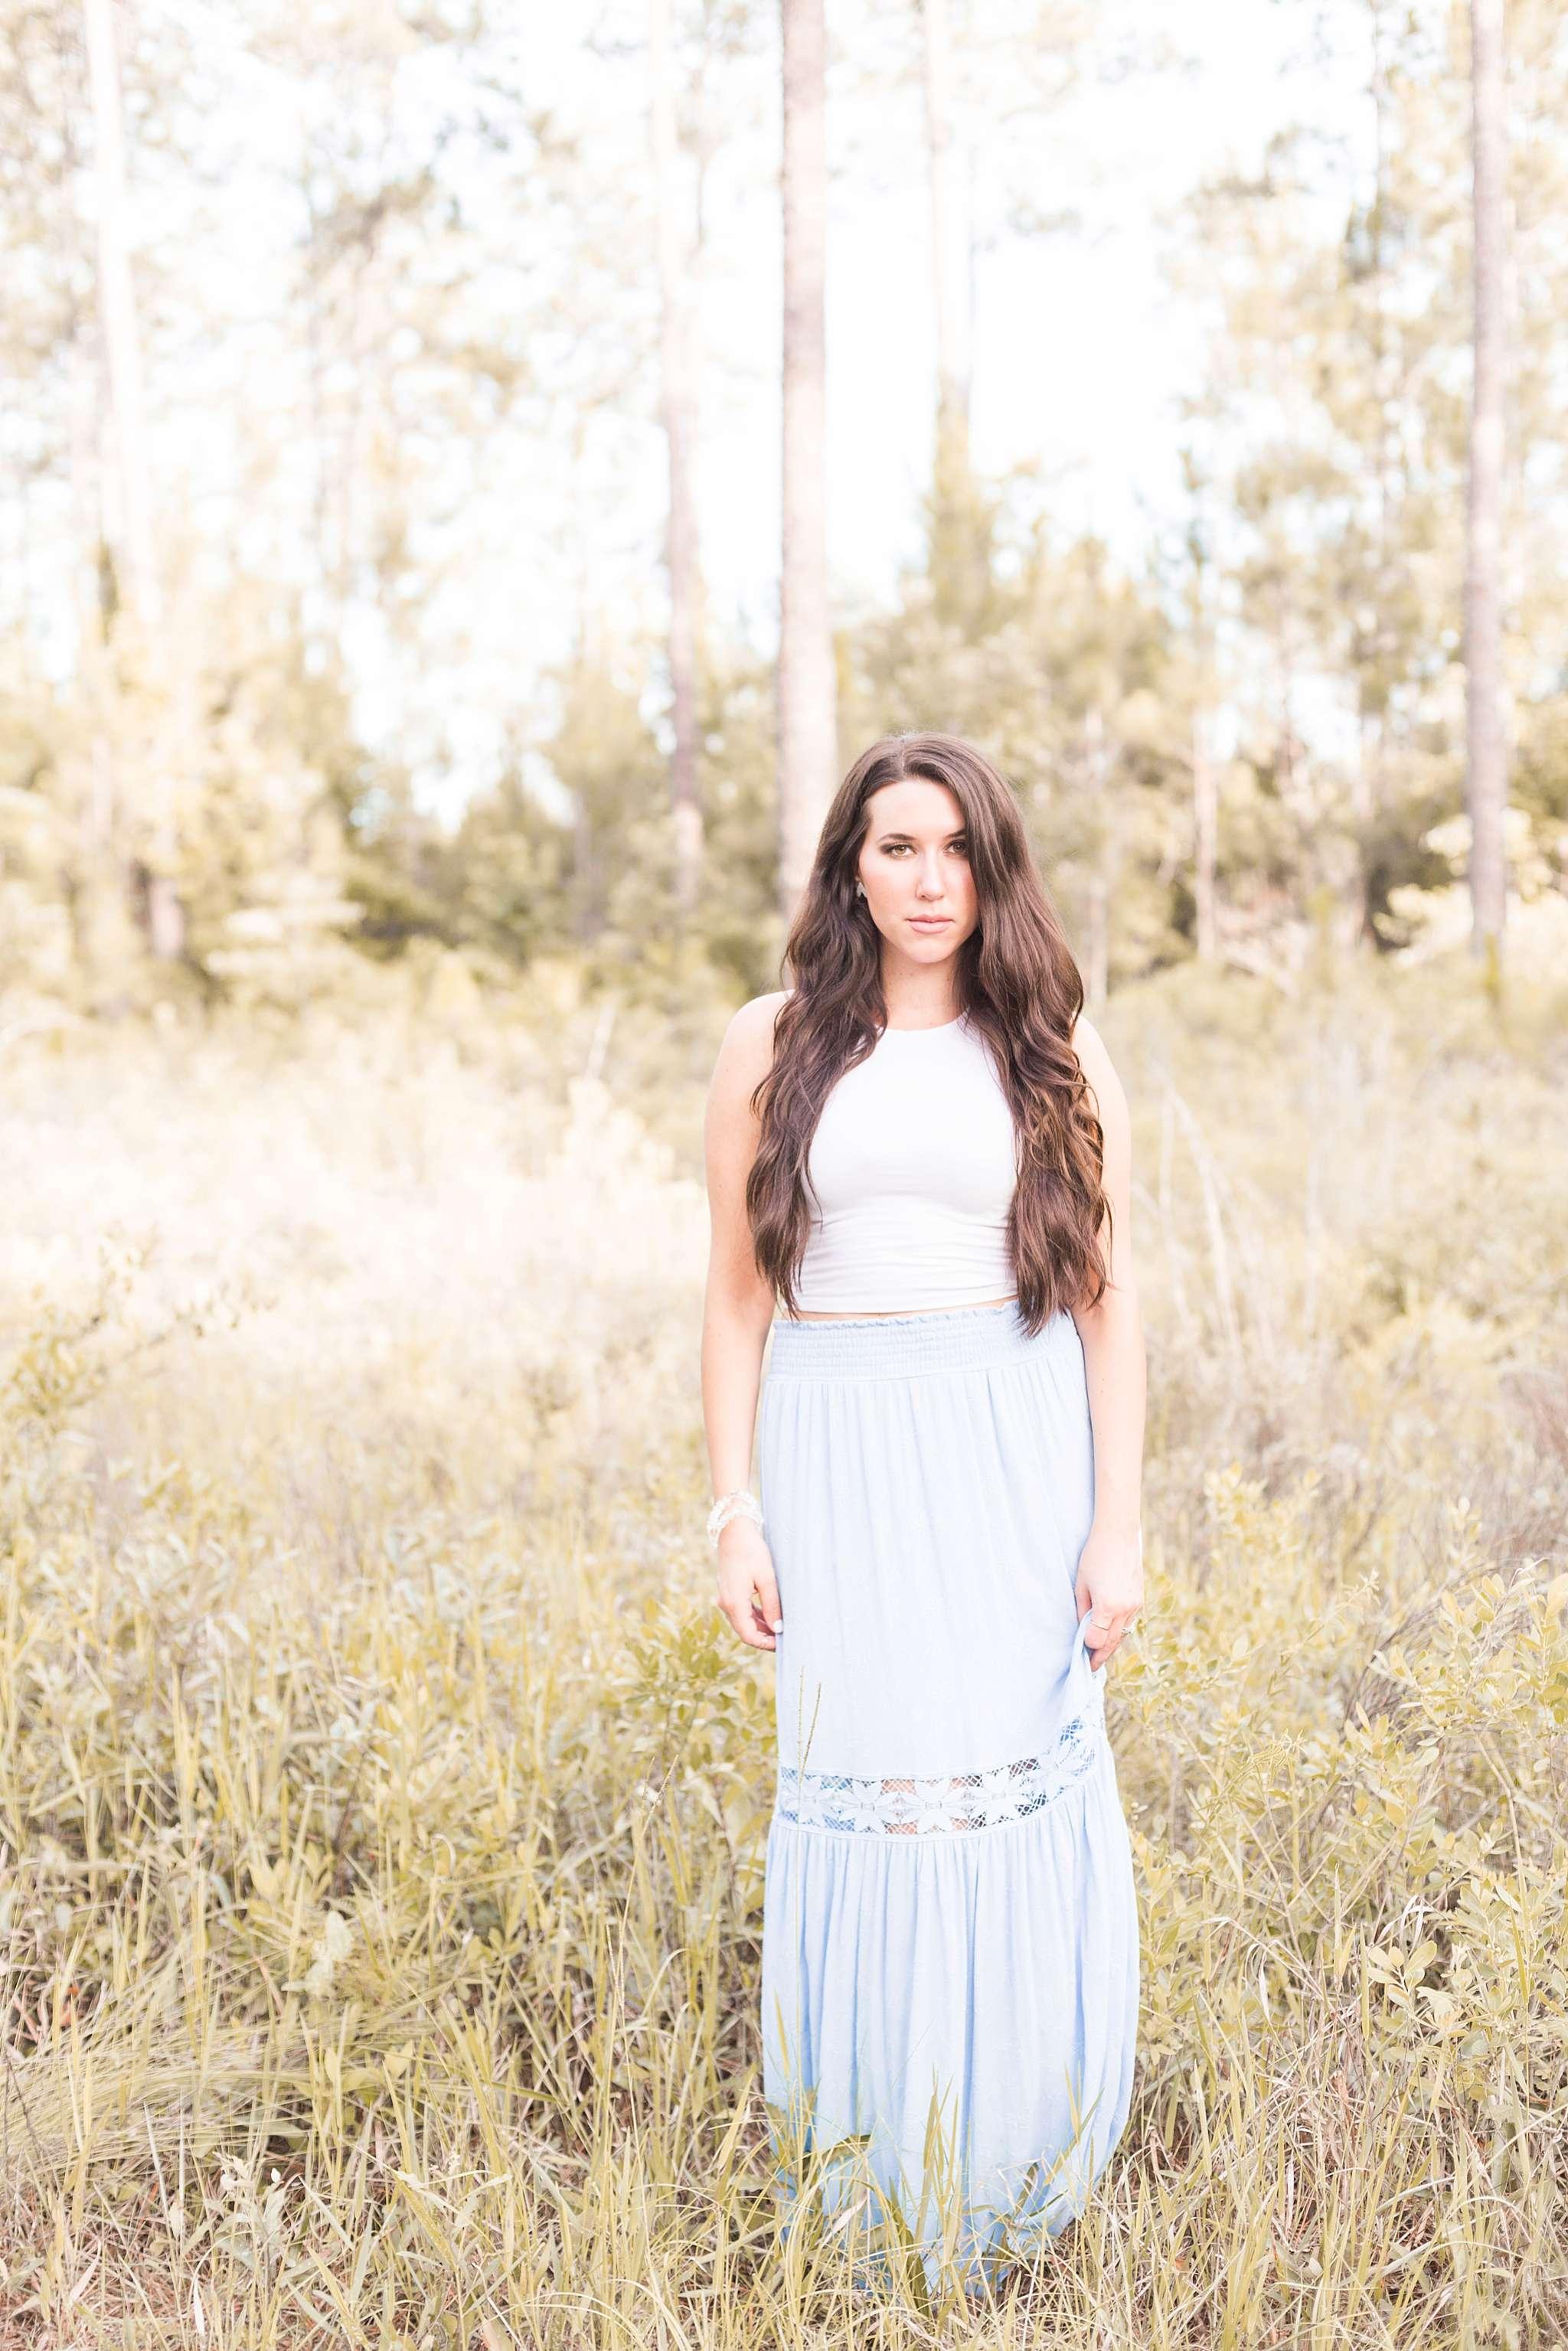 Amber-Nicole-Portrait-Jacksonville-Florida_0752.jpg